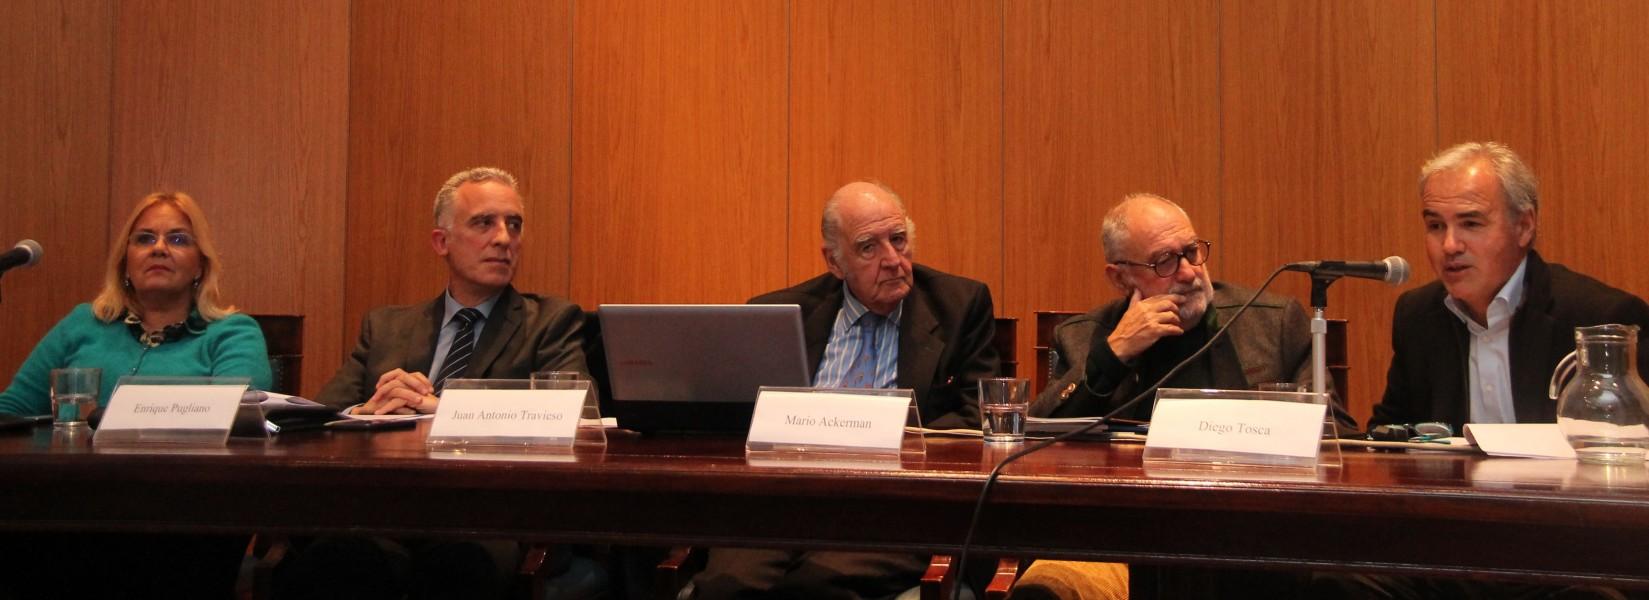 Nerina Da Rin, Enrique Pugliano, Juan Antonio Travieso, Mario Ackerman y Diego Tosca